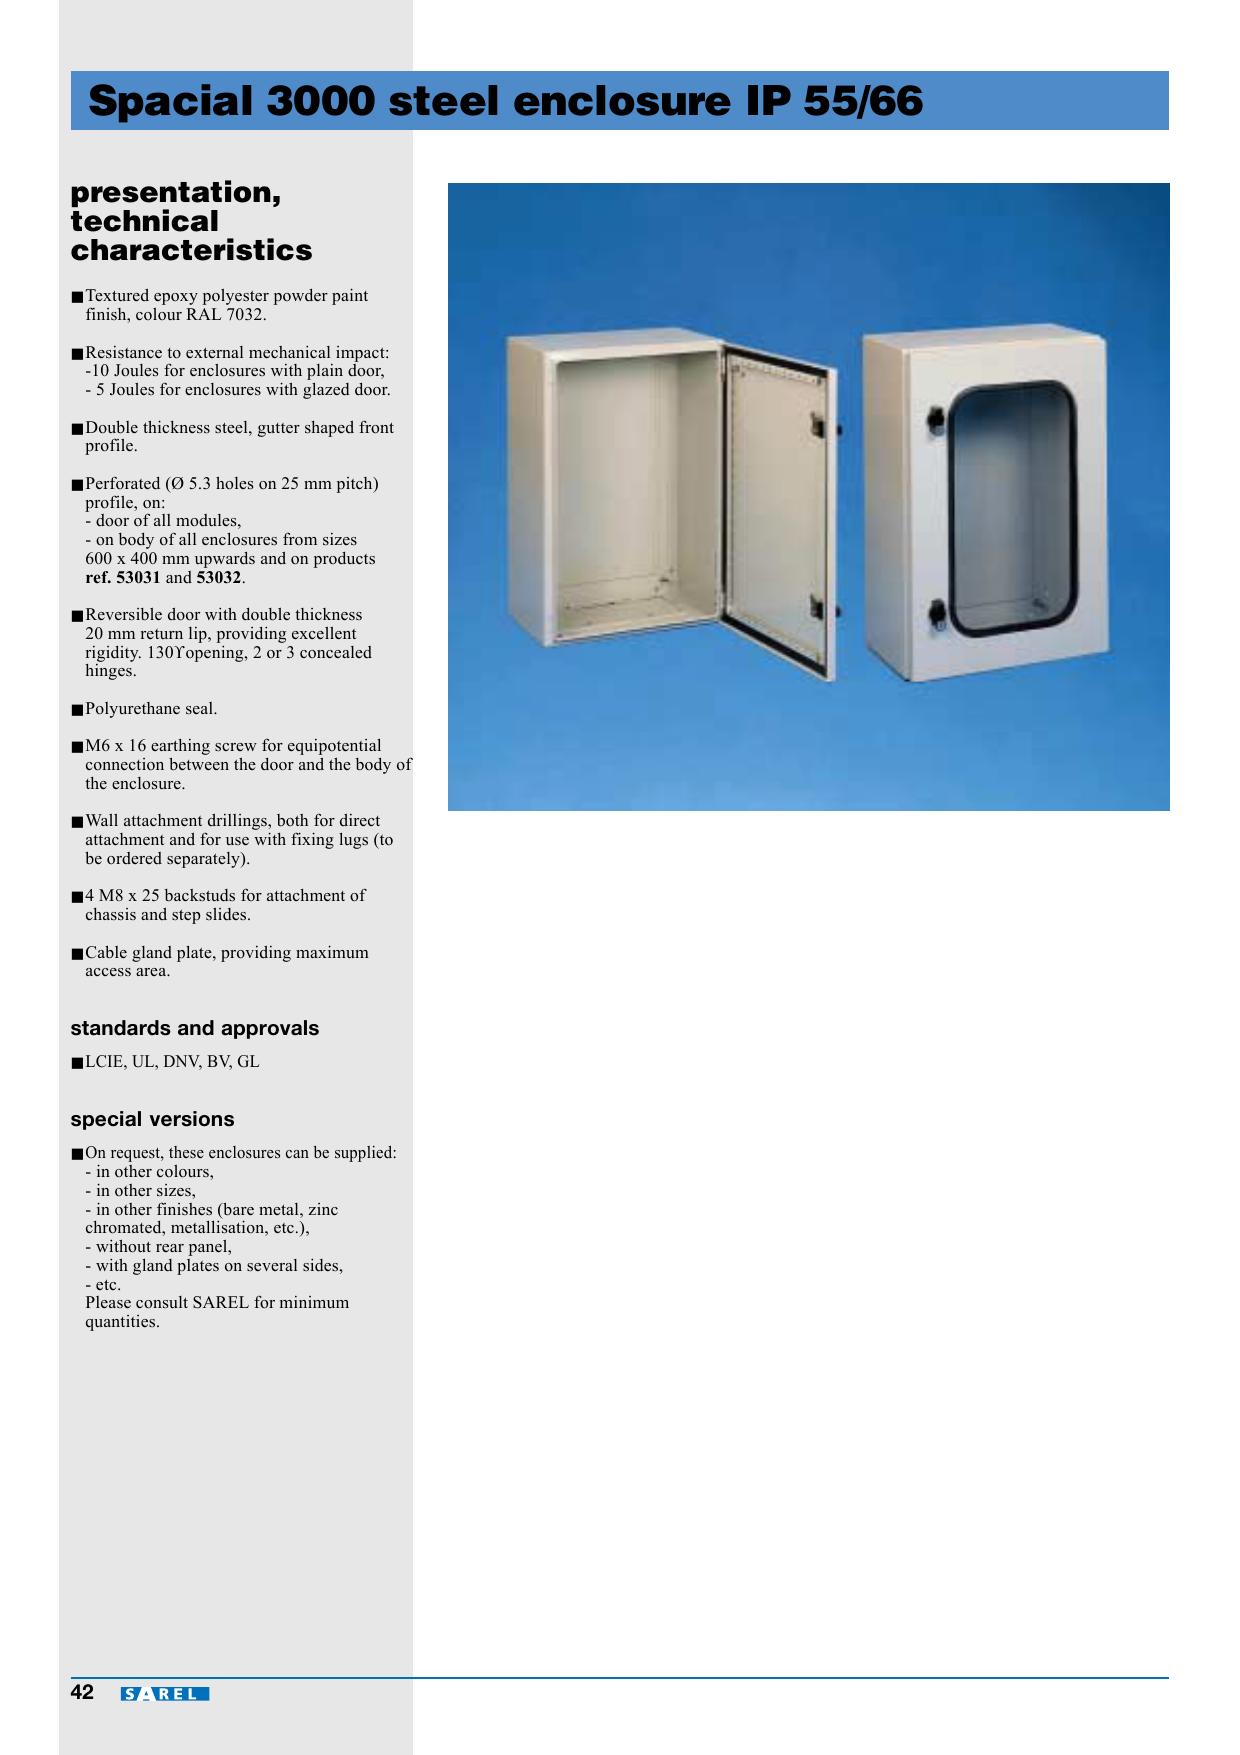 Spacial 8 steel enclosure IP 8/8   Manualzz